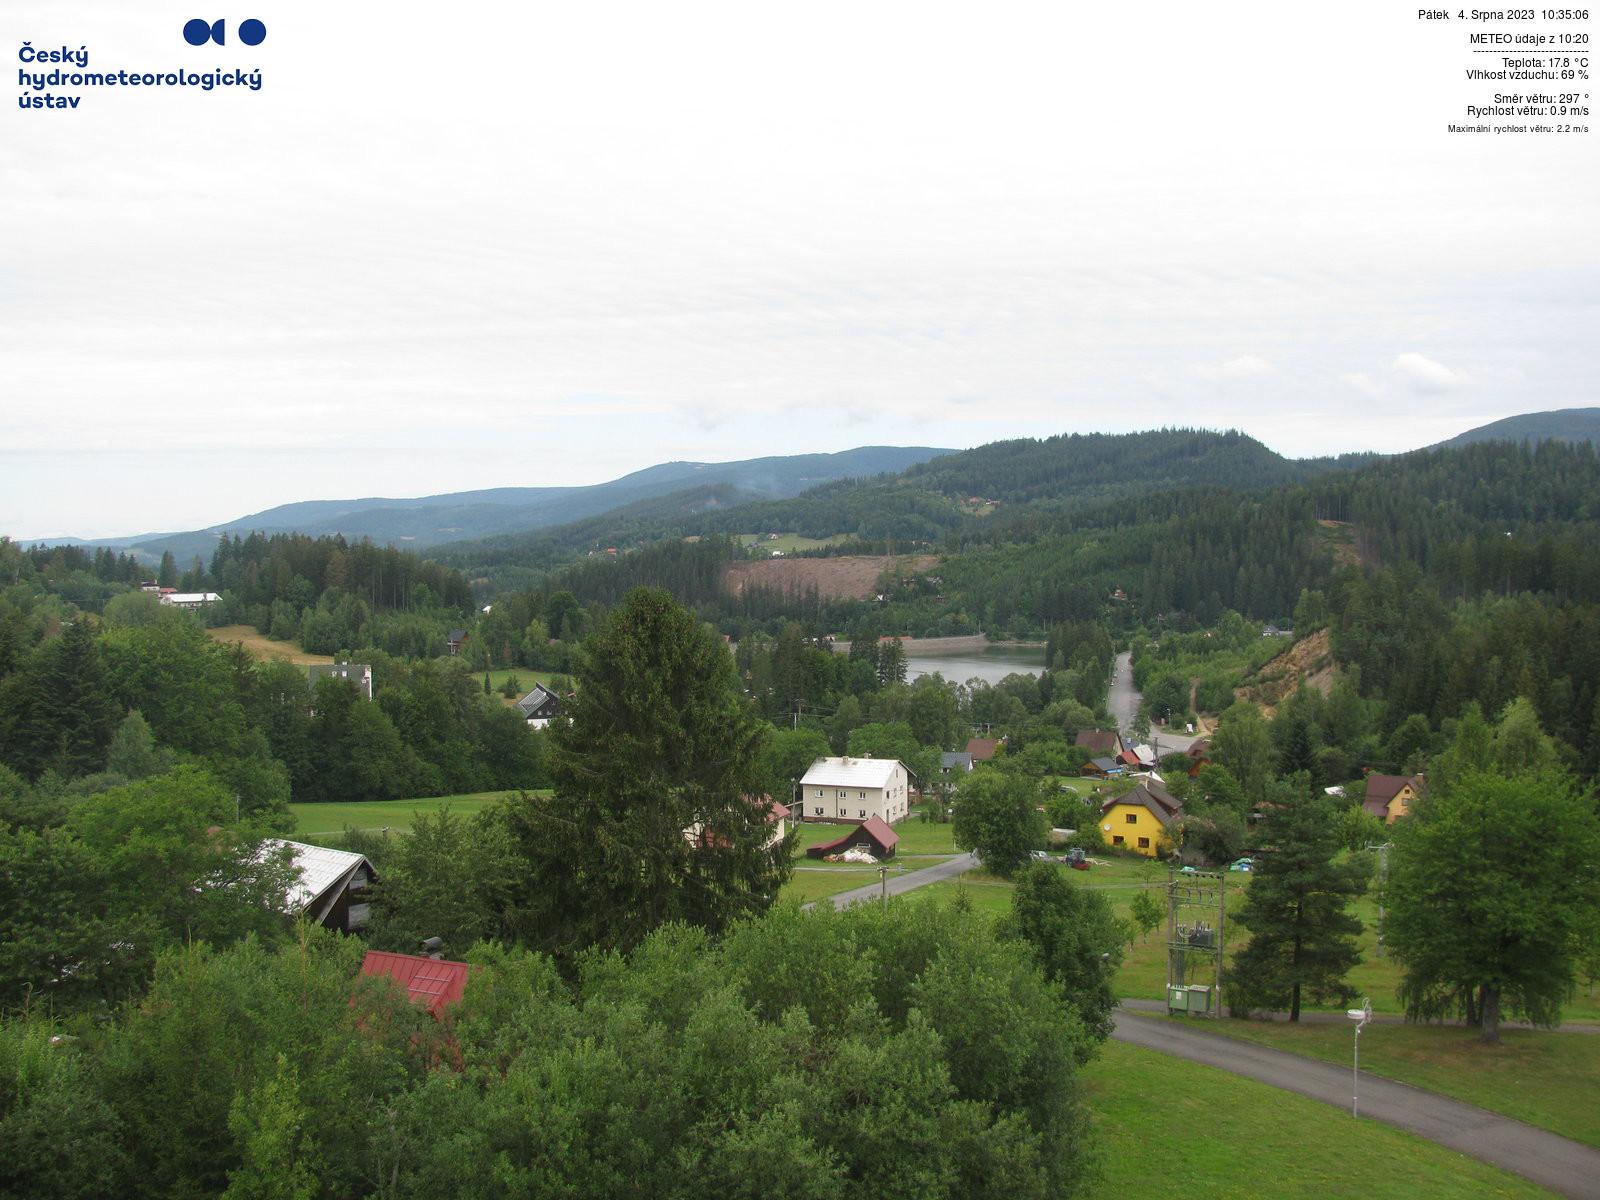 Webcam - Horní Bečva